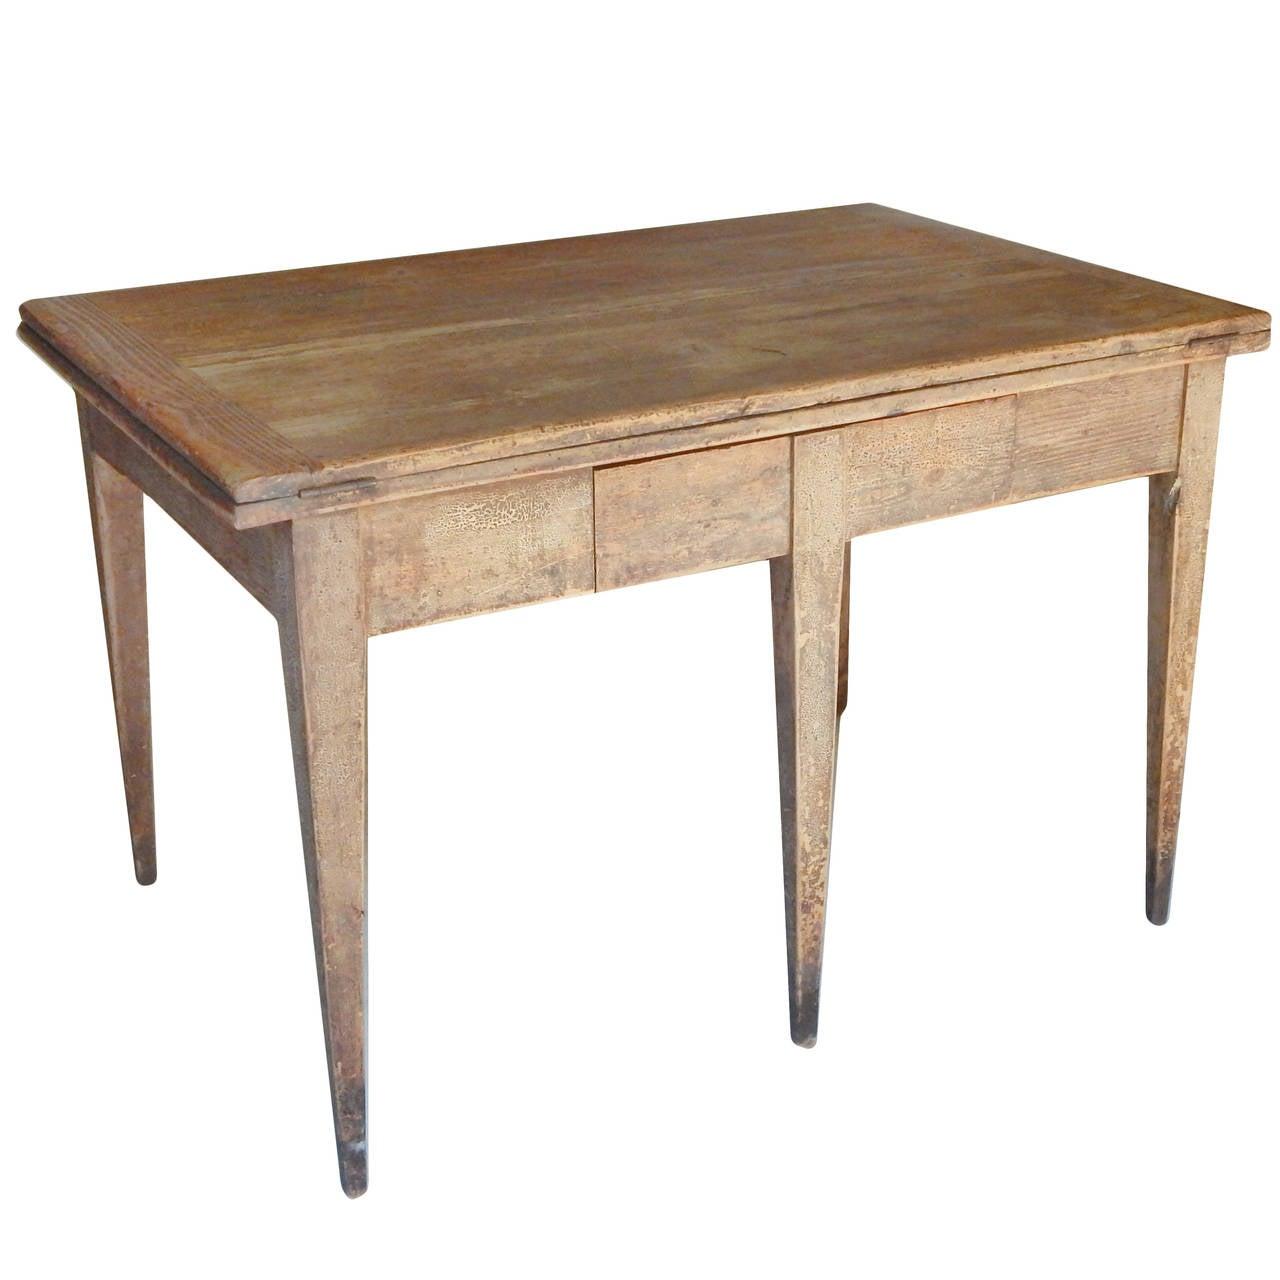 Unusual Swedish Extension Farm Table at 1stdibs : 9447l from www.1stdibs.com size 1280 x 1280 jpeg 95kB